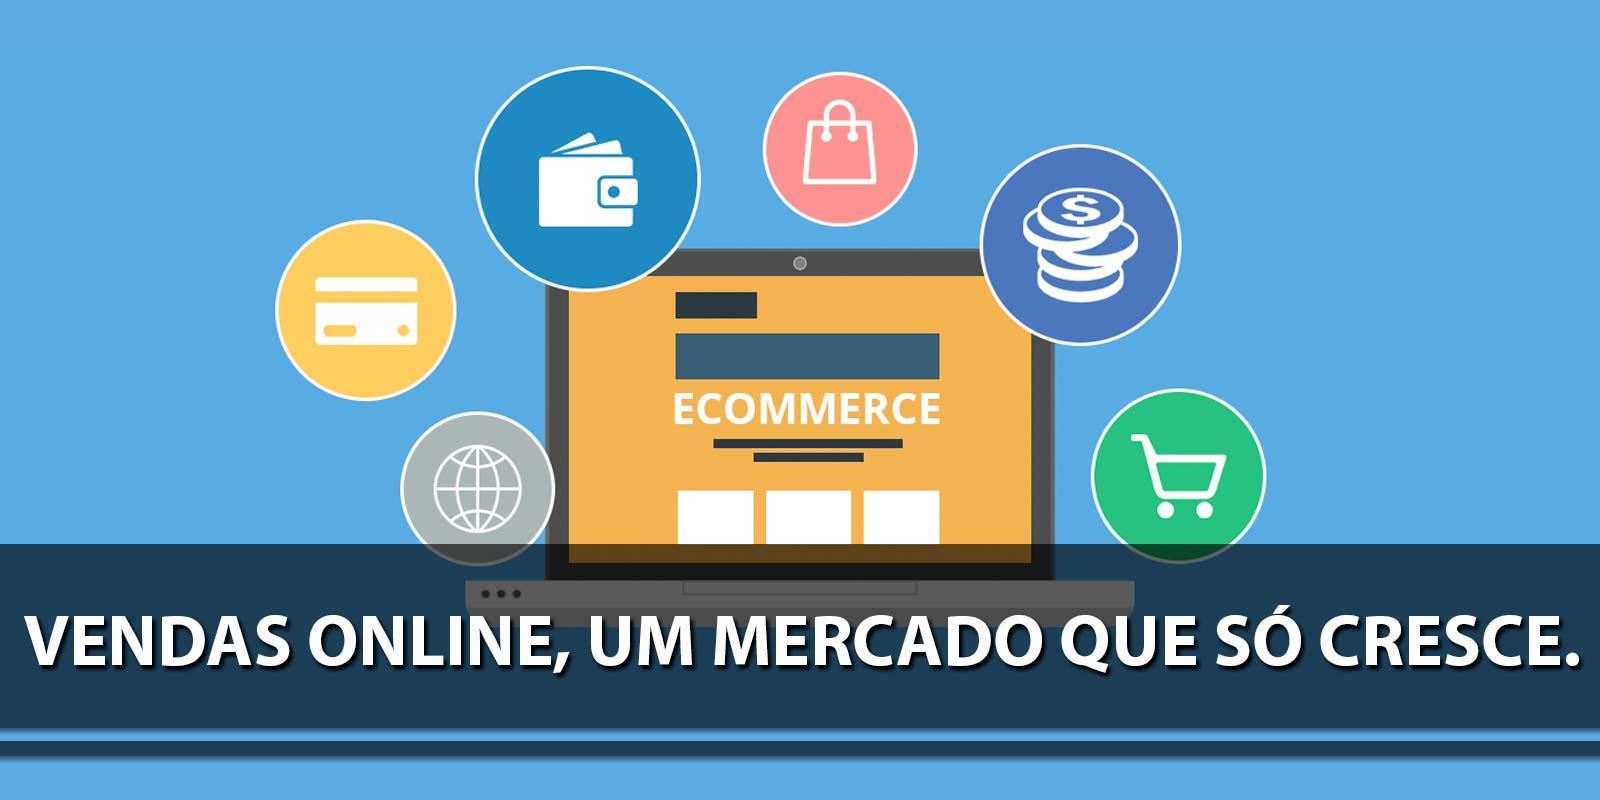 Vendas online, um mercado que só cresce